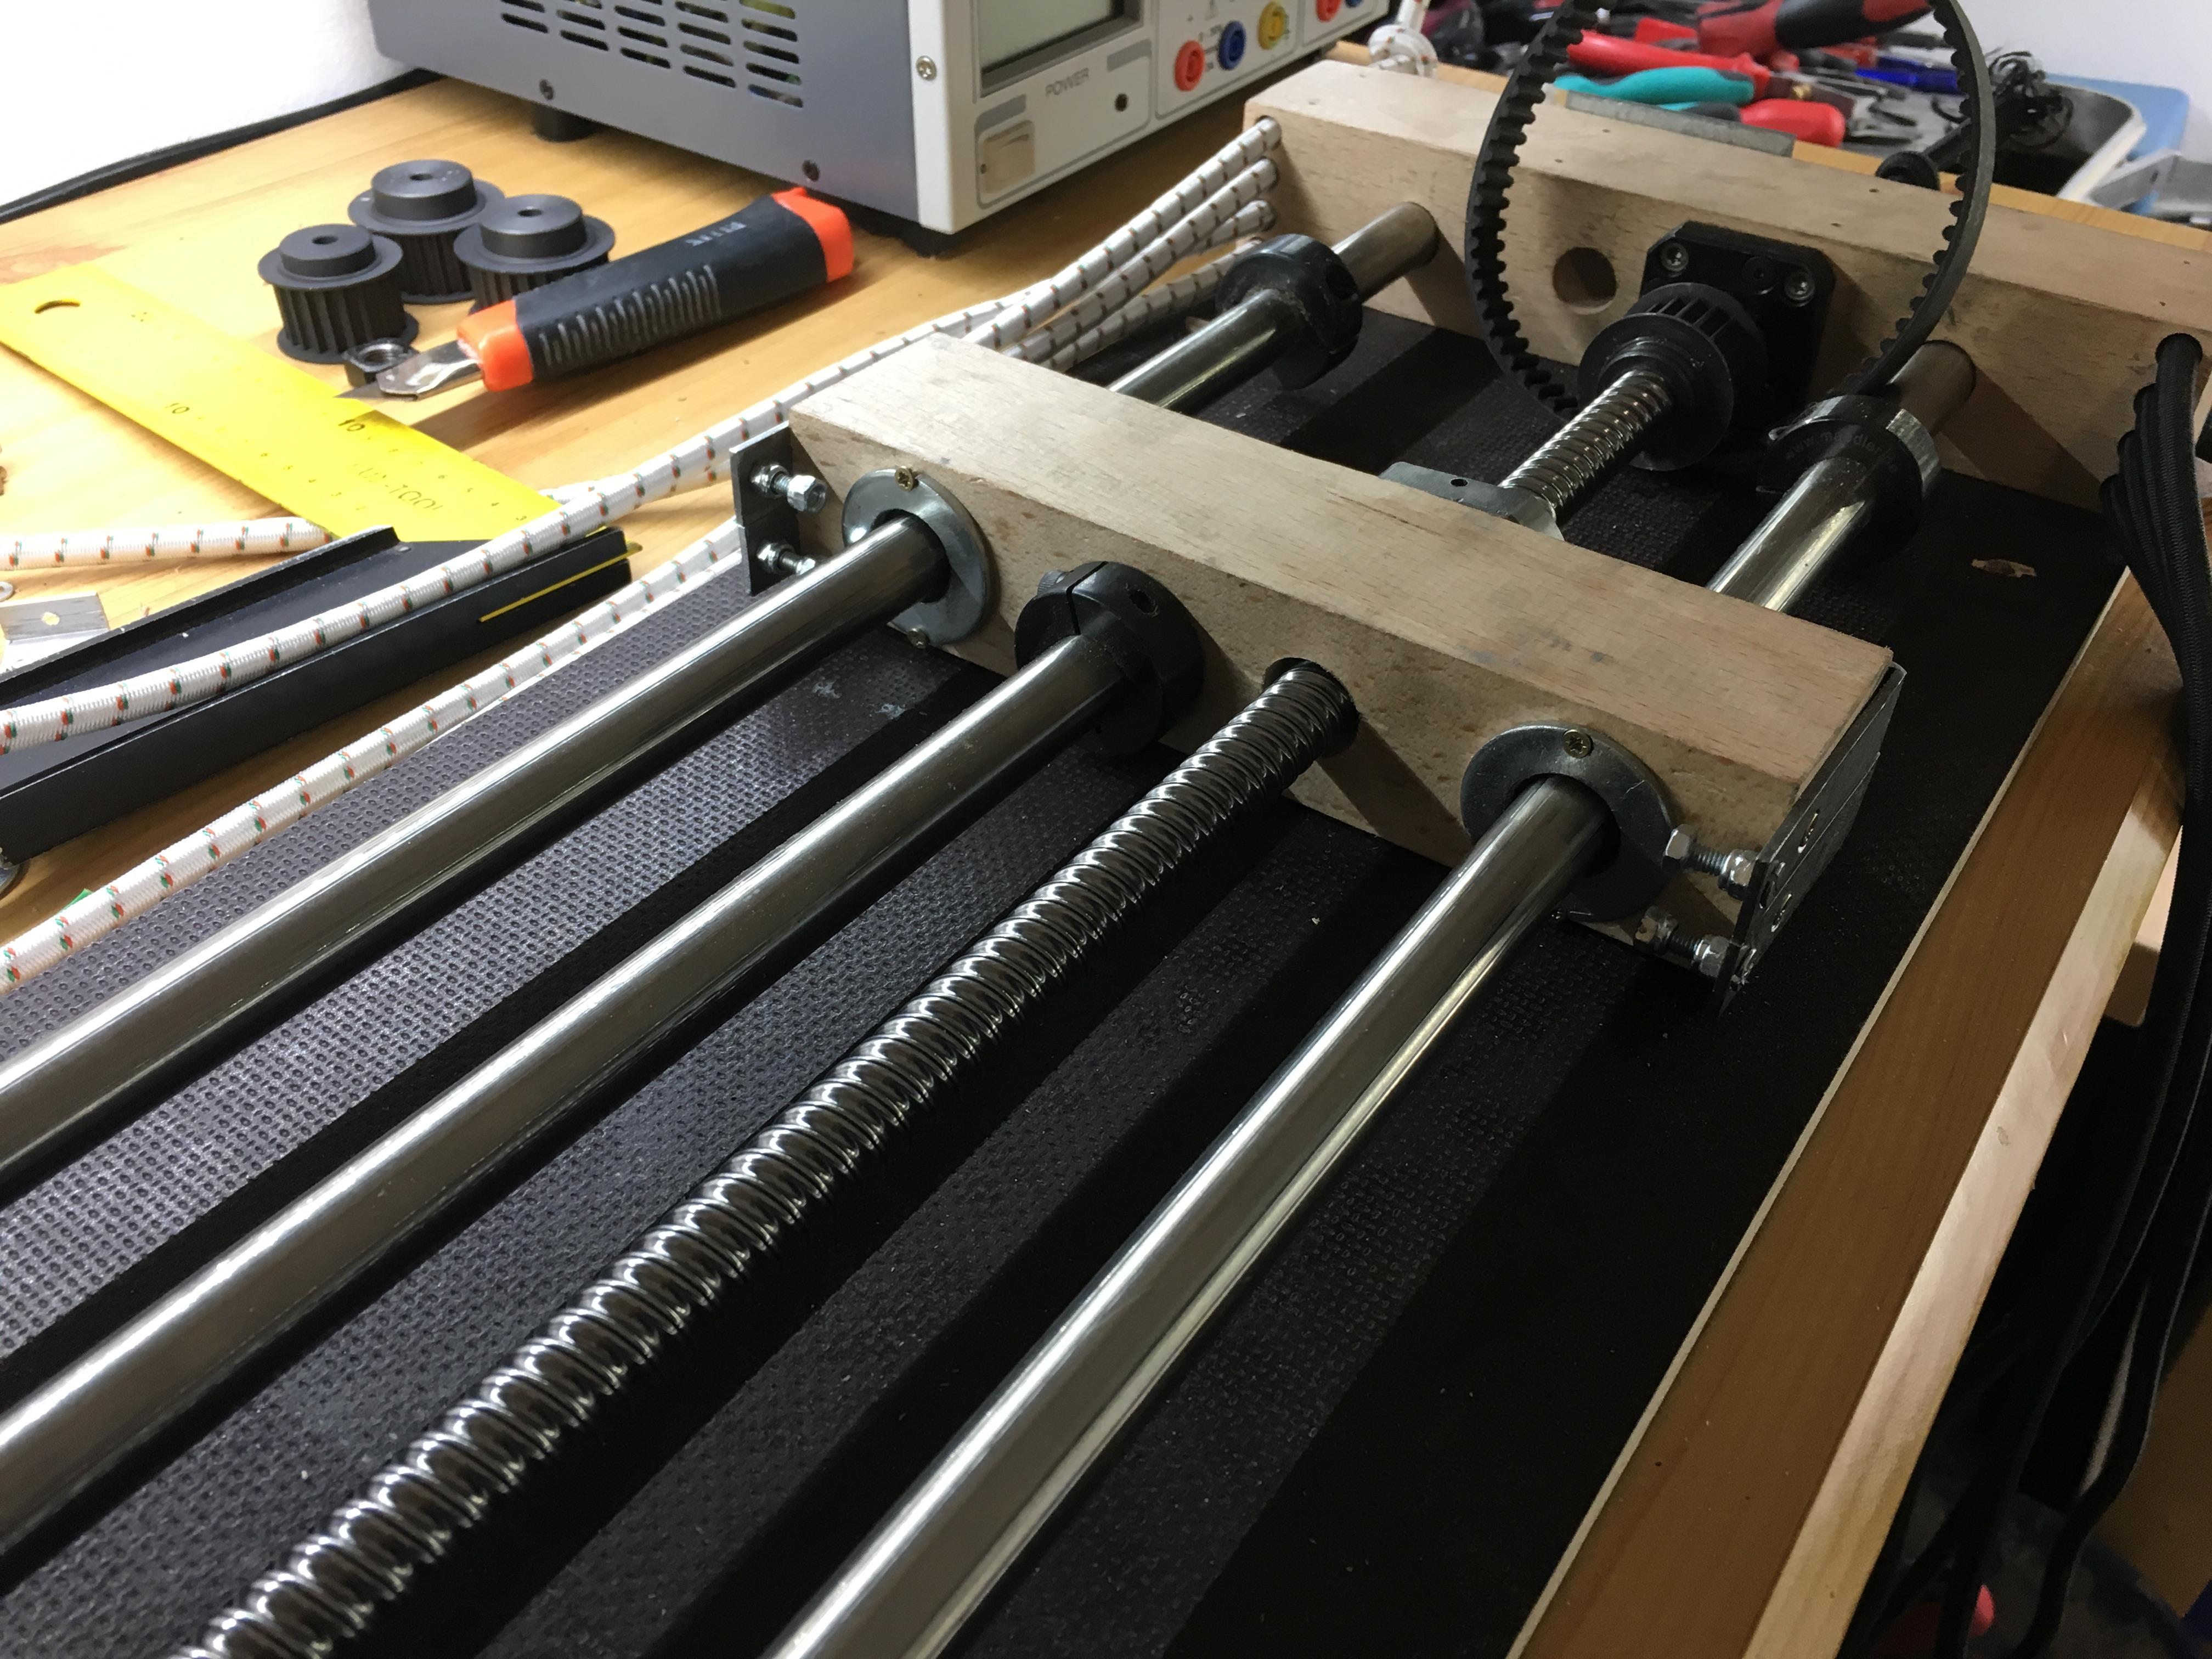 DIY 6DOF Motion Platform